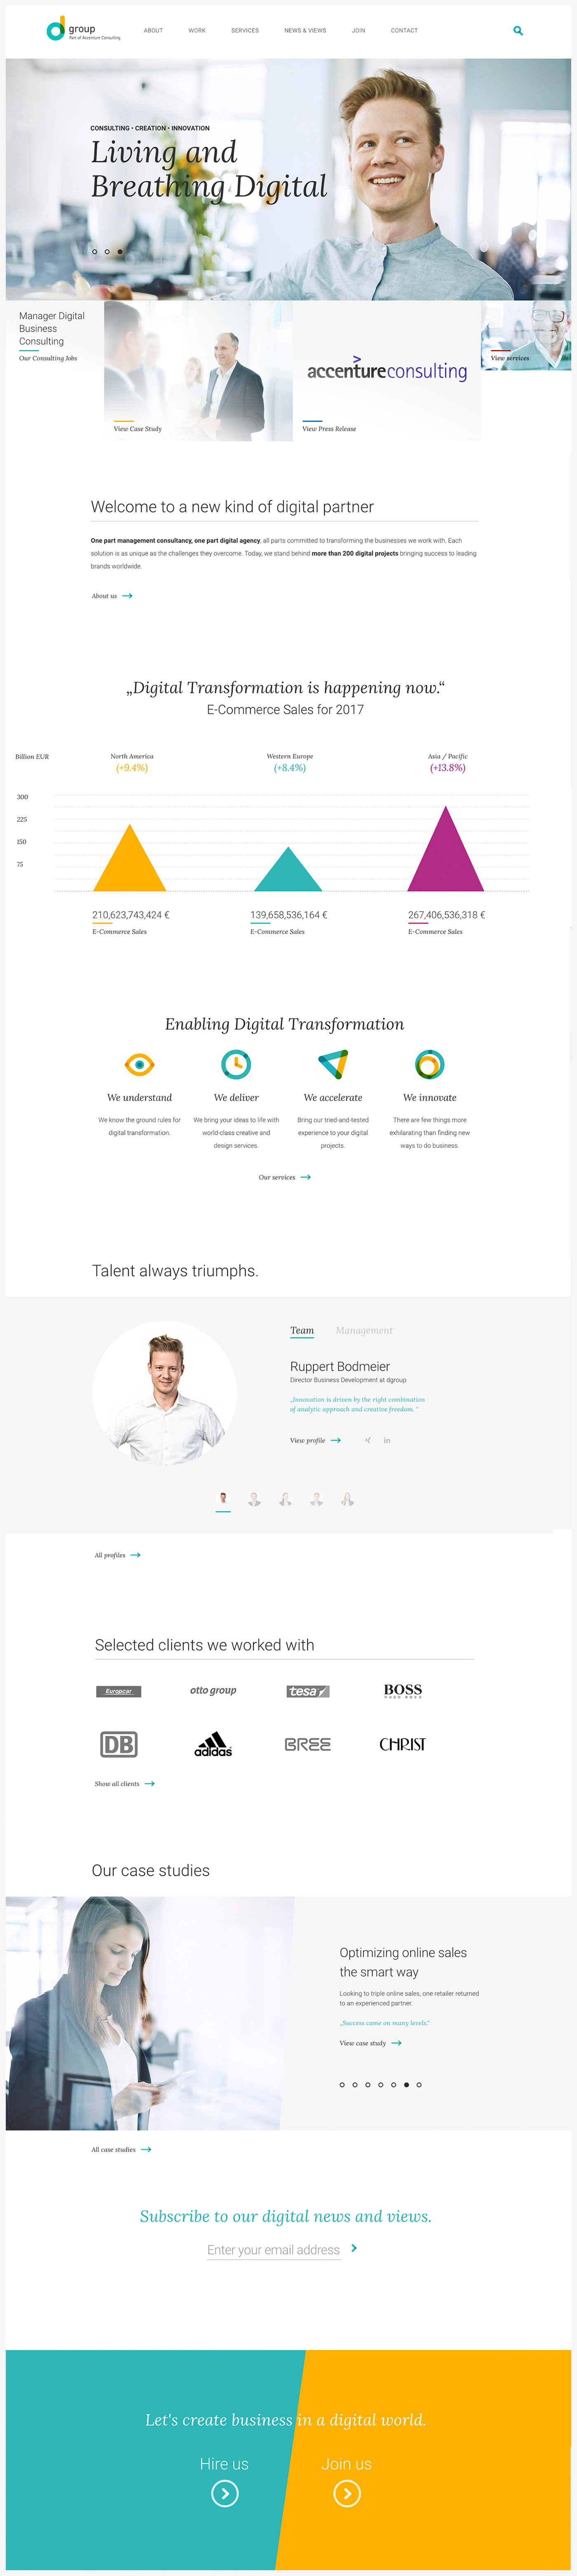 dgroup-webdesign